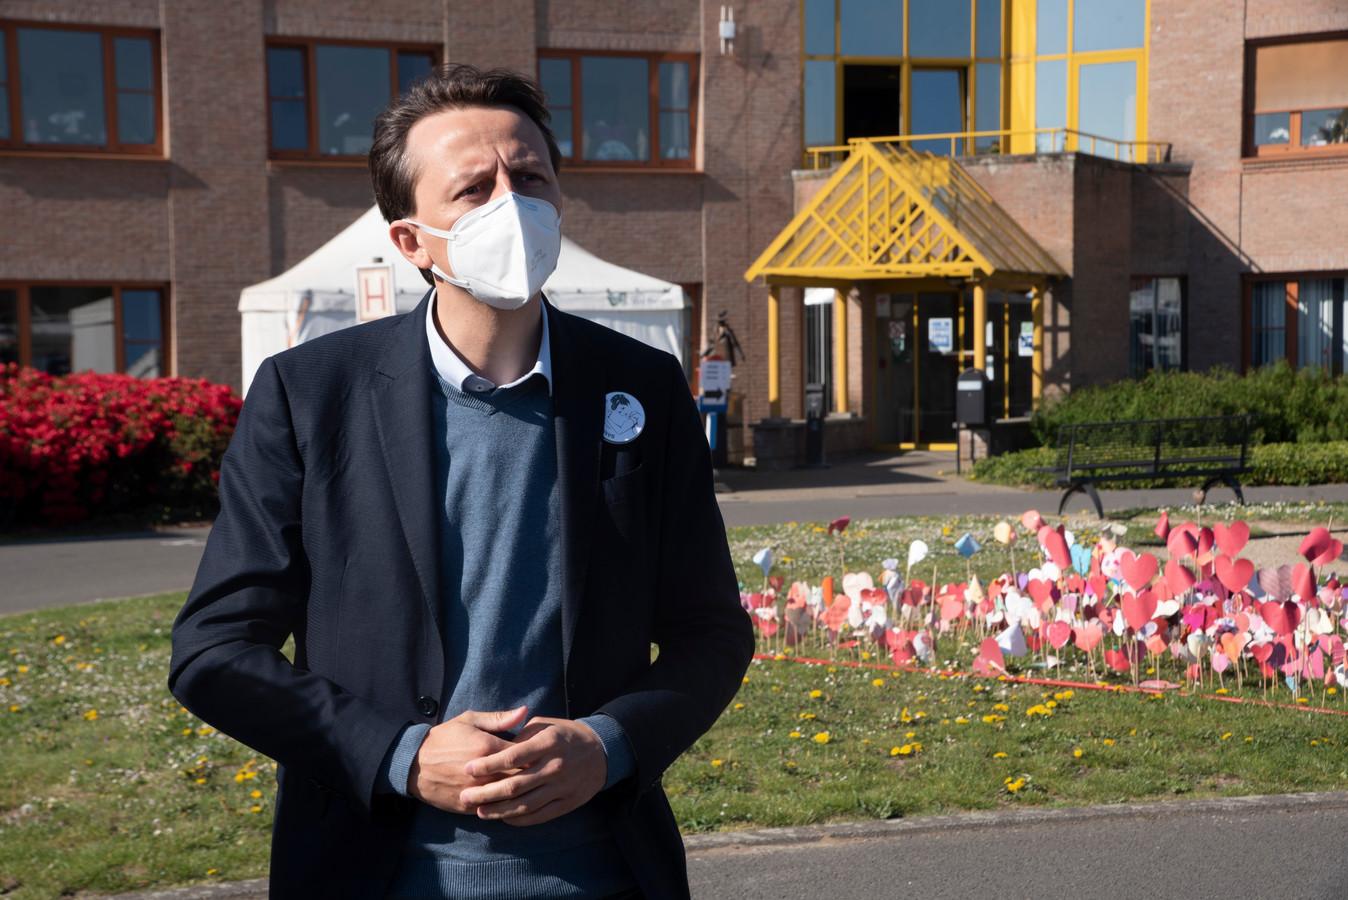 Burgemeester Kenneth Taylor vecht al maanden tegen het virus in het woonzorghuis Molenkouter in zijn eigen gemeente Wichelen